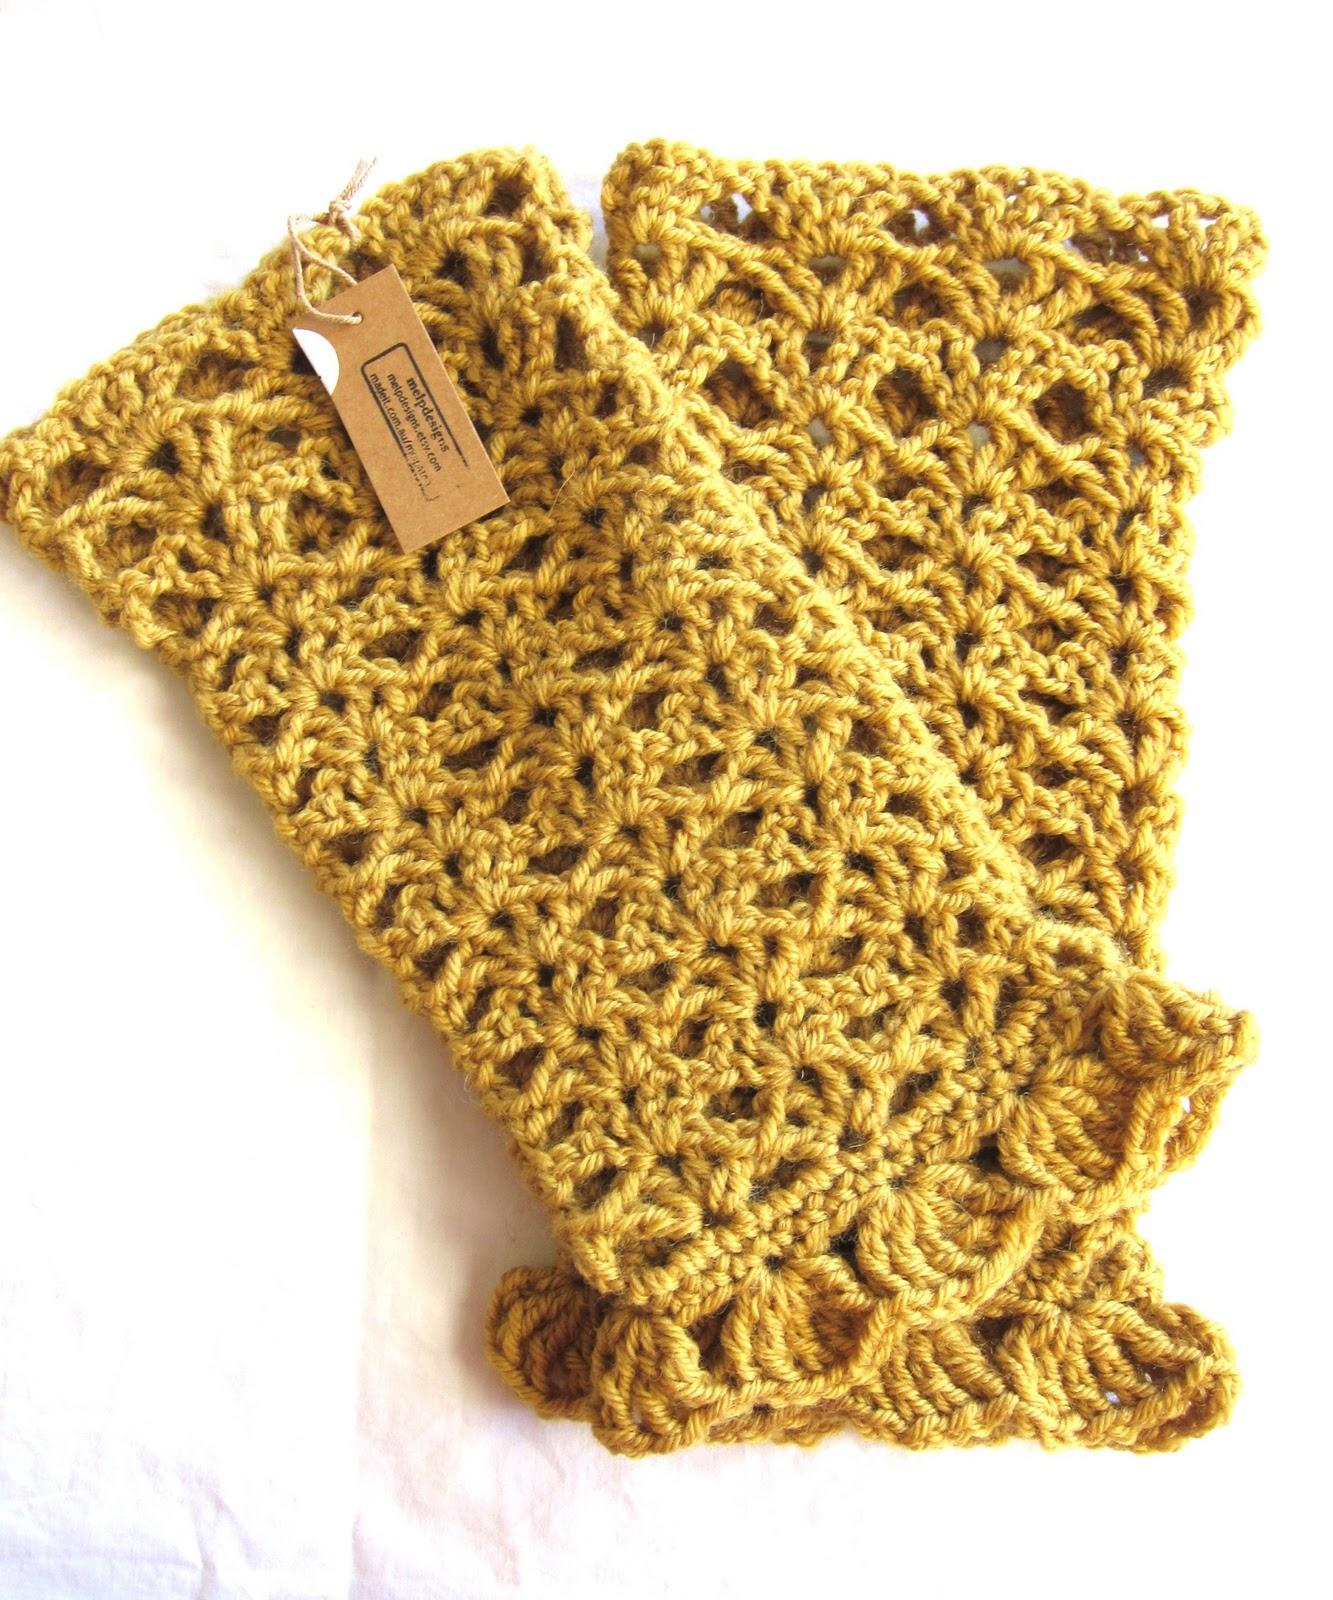 Crochet pattern for leg warmers - Crochet Me